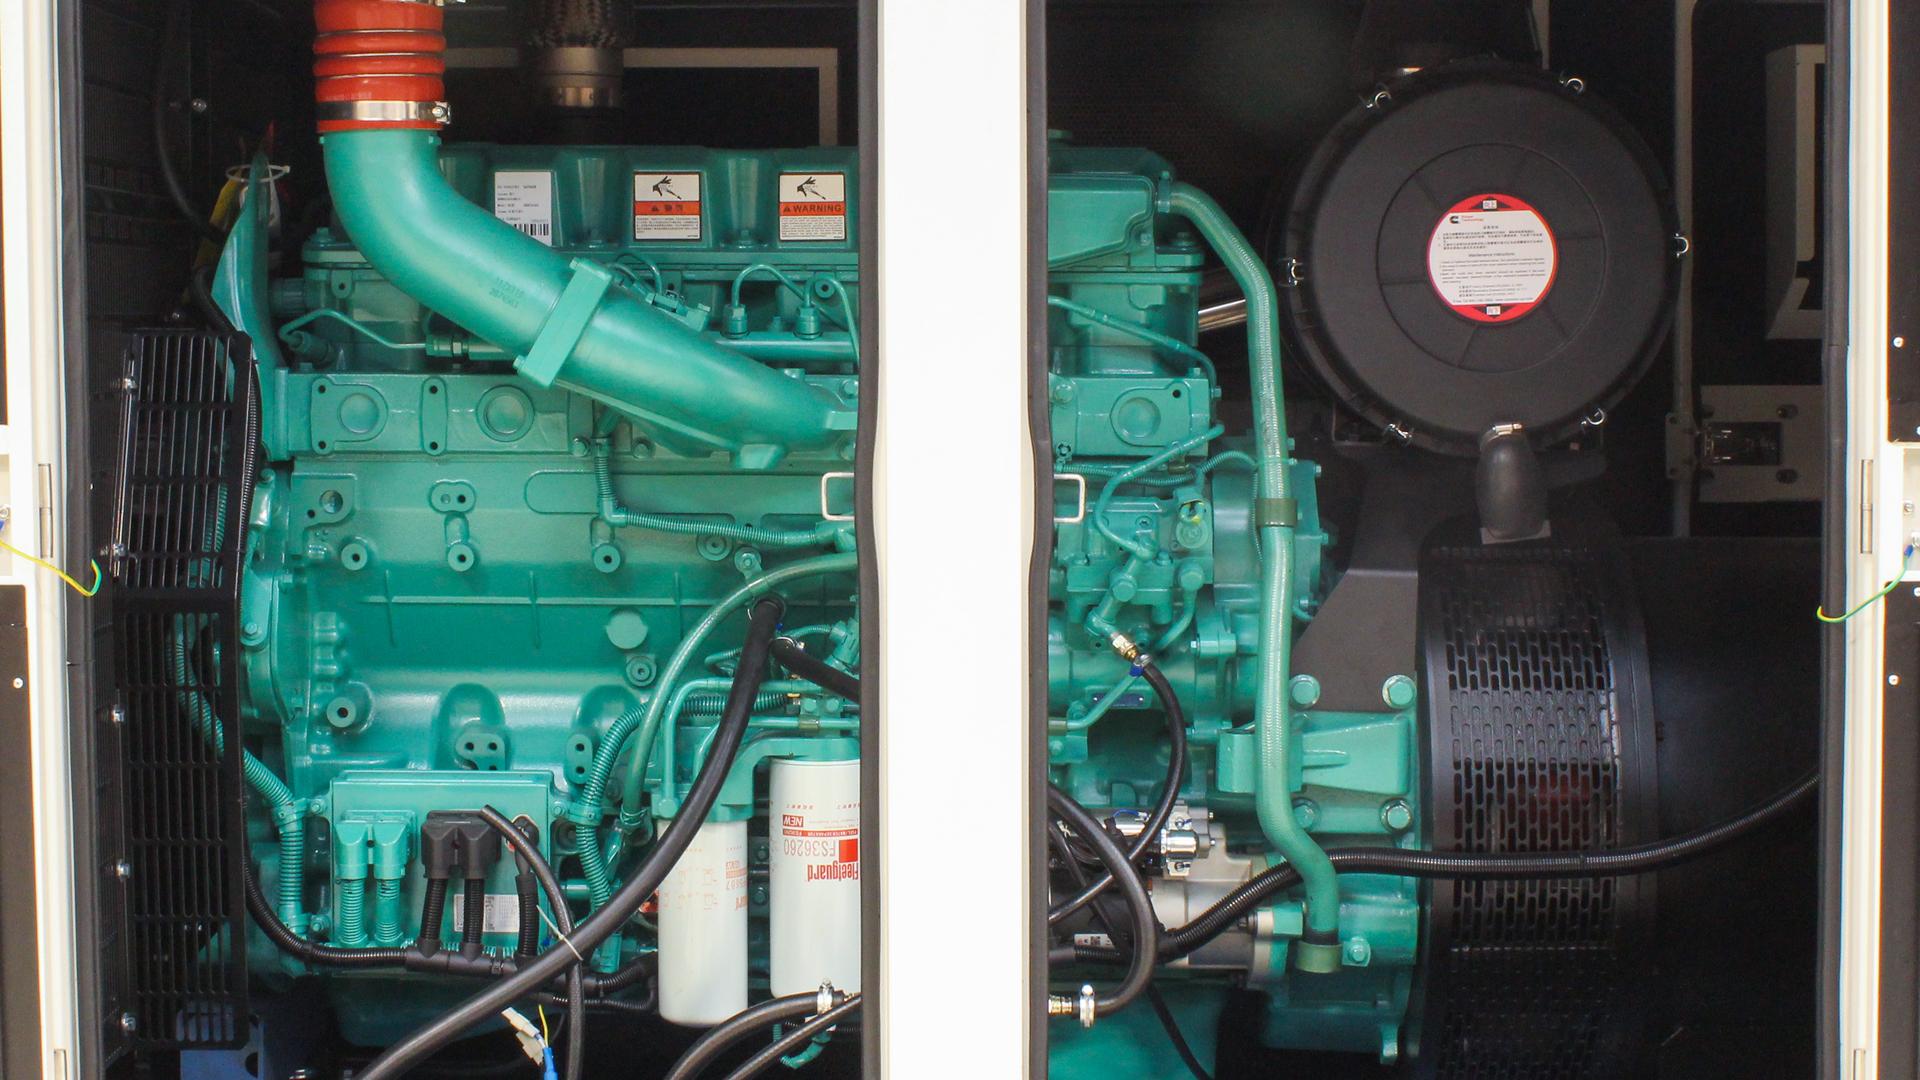 UKC550ECO 550kVA Cummins Genset with Engine showing